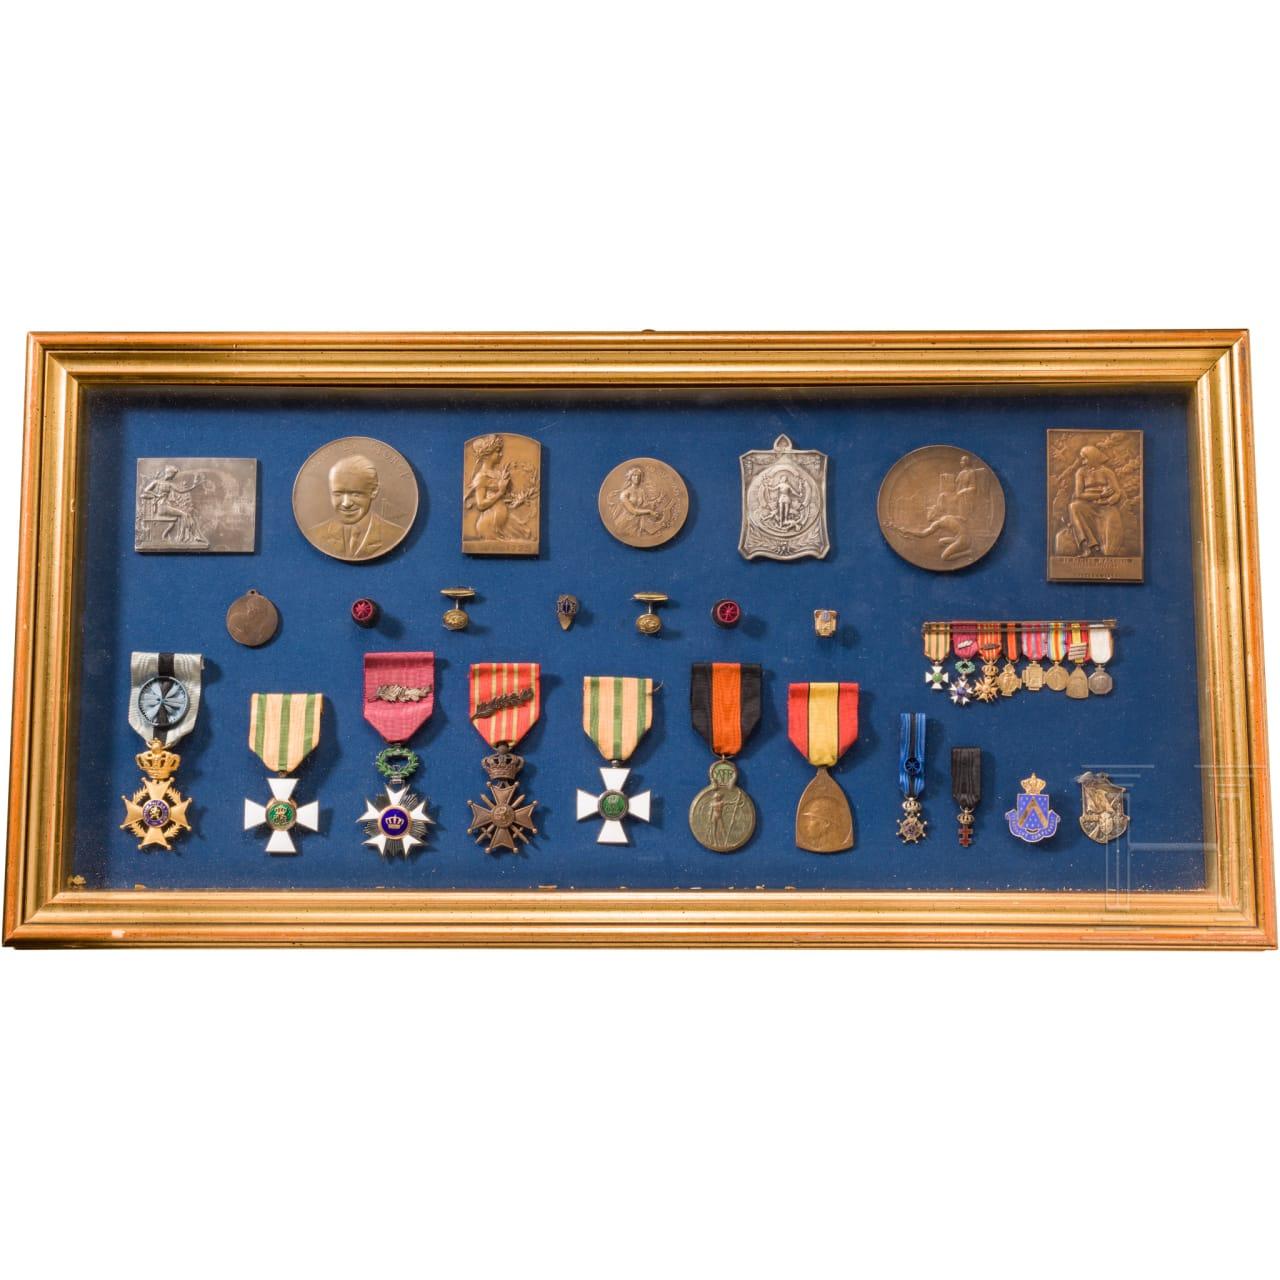 Sammlung Orden und Medaillen, überwiegend Belgien, 1. Hälfte 20. Jhdt.